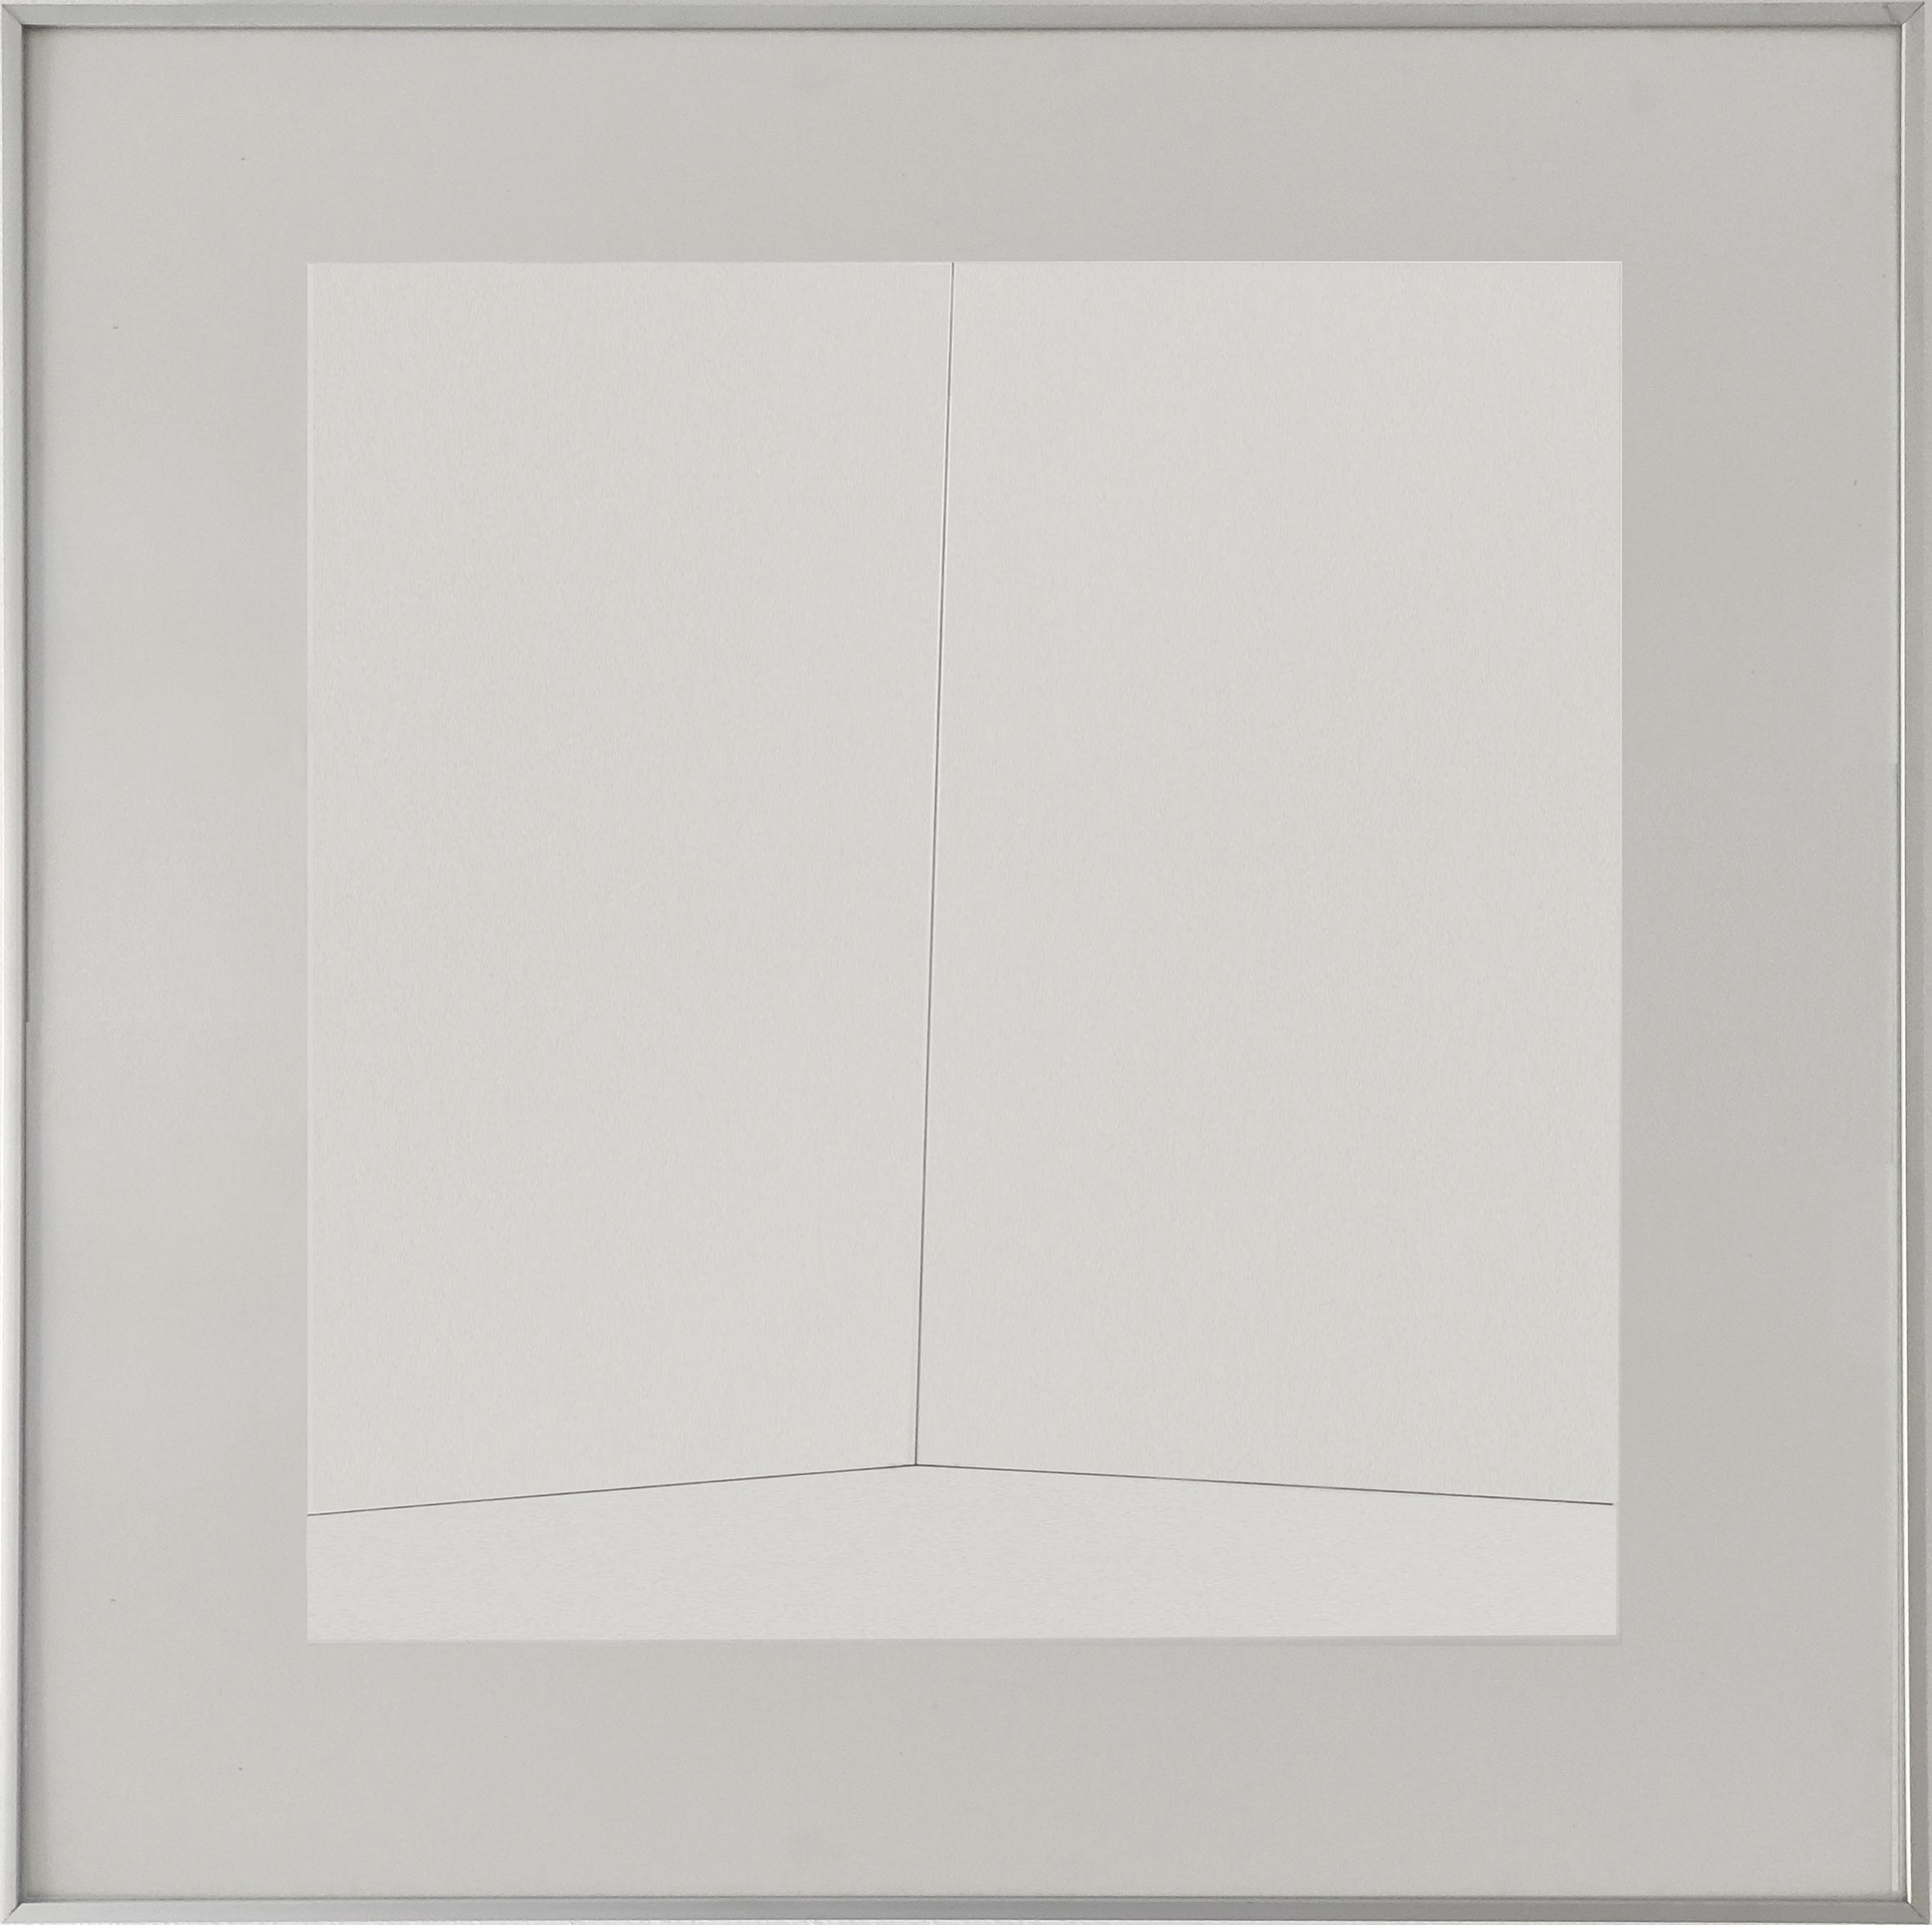 Diet Sayler, Veränderung 11, 1978, Tusche auf Bütten, 48x48 cm | Alu 70x70cm